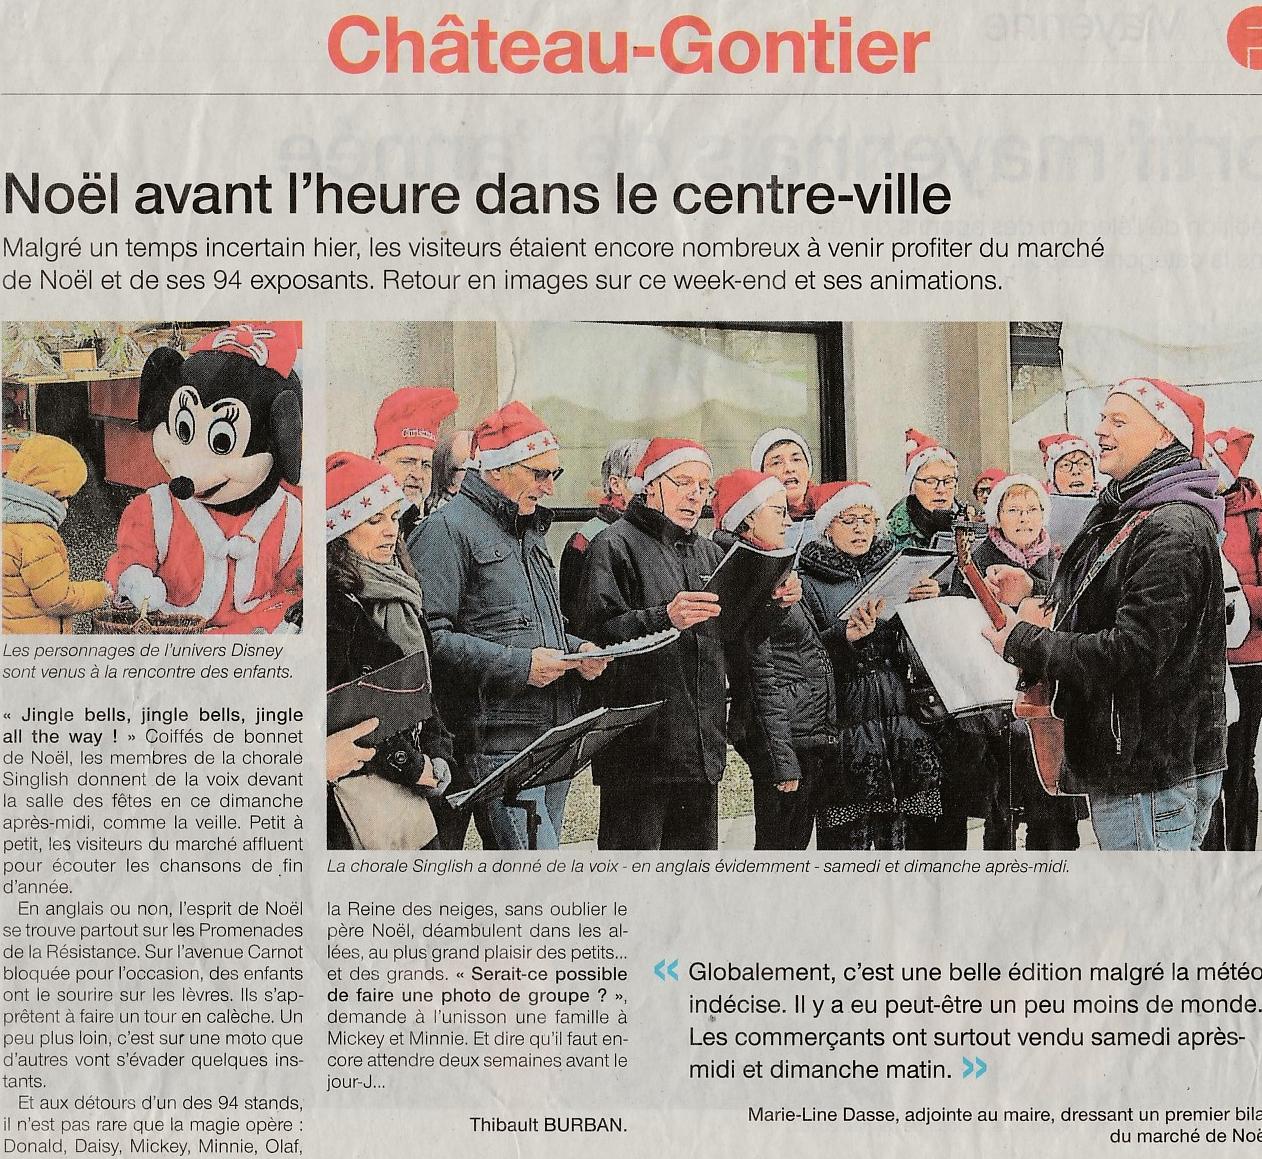 2017-12-10_Marché_de_Noël_Ouest-France_article